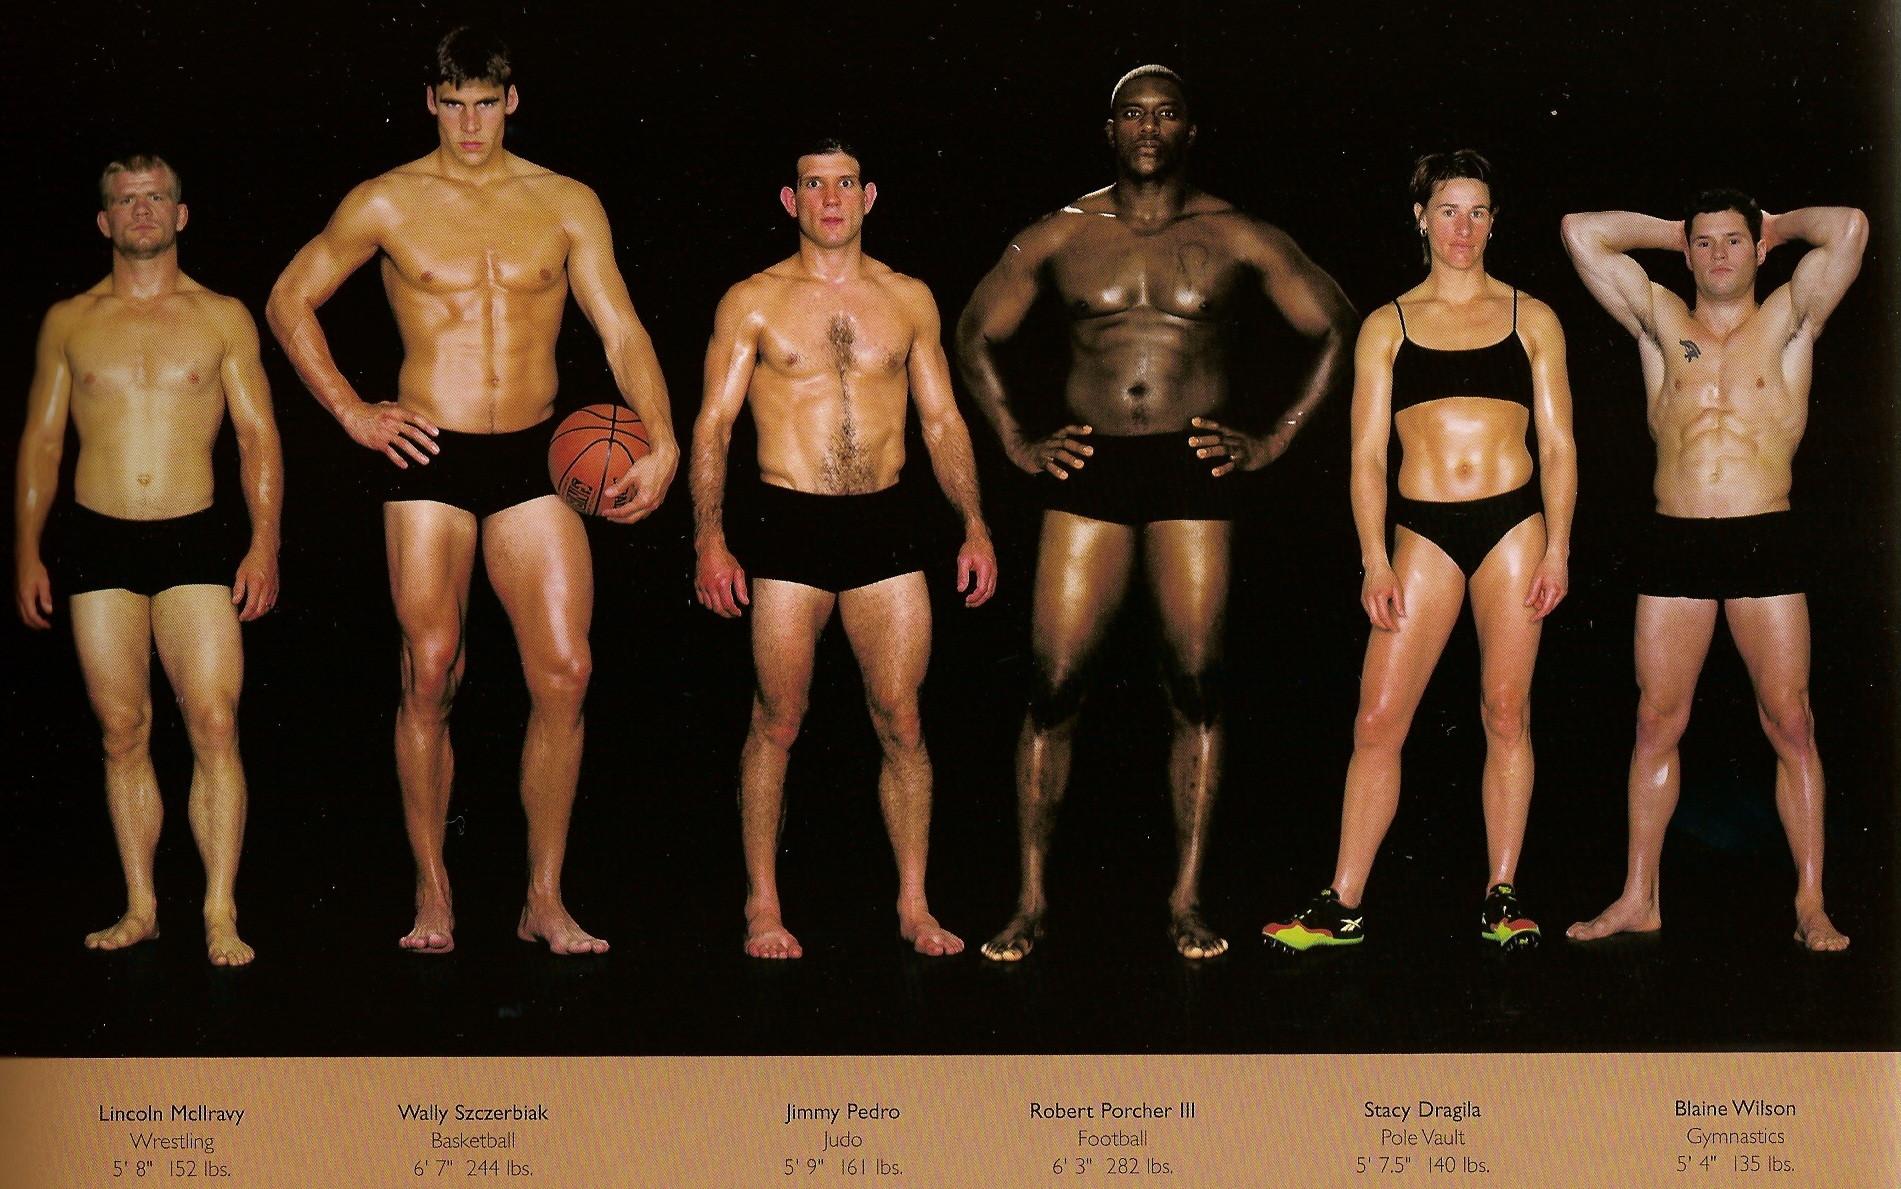 Howard Schatz / слева направо:  реслинг, баскетбол, дзюдо, футбол, прыжки с шестом, гимнастика.